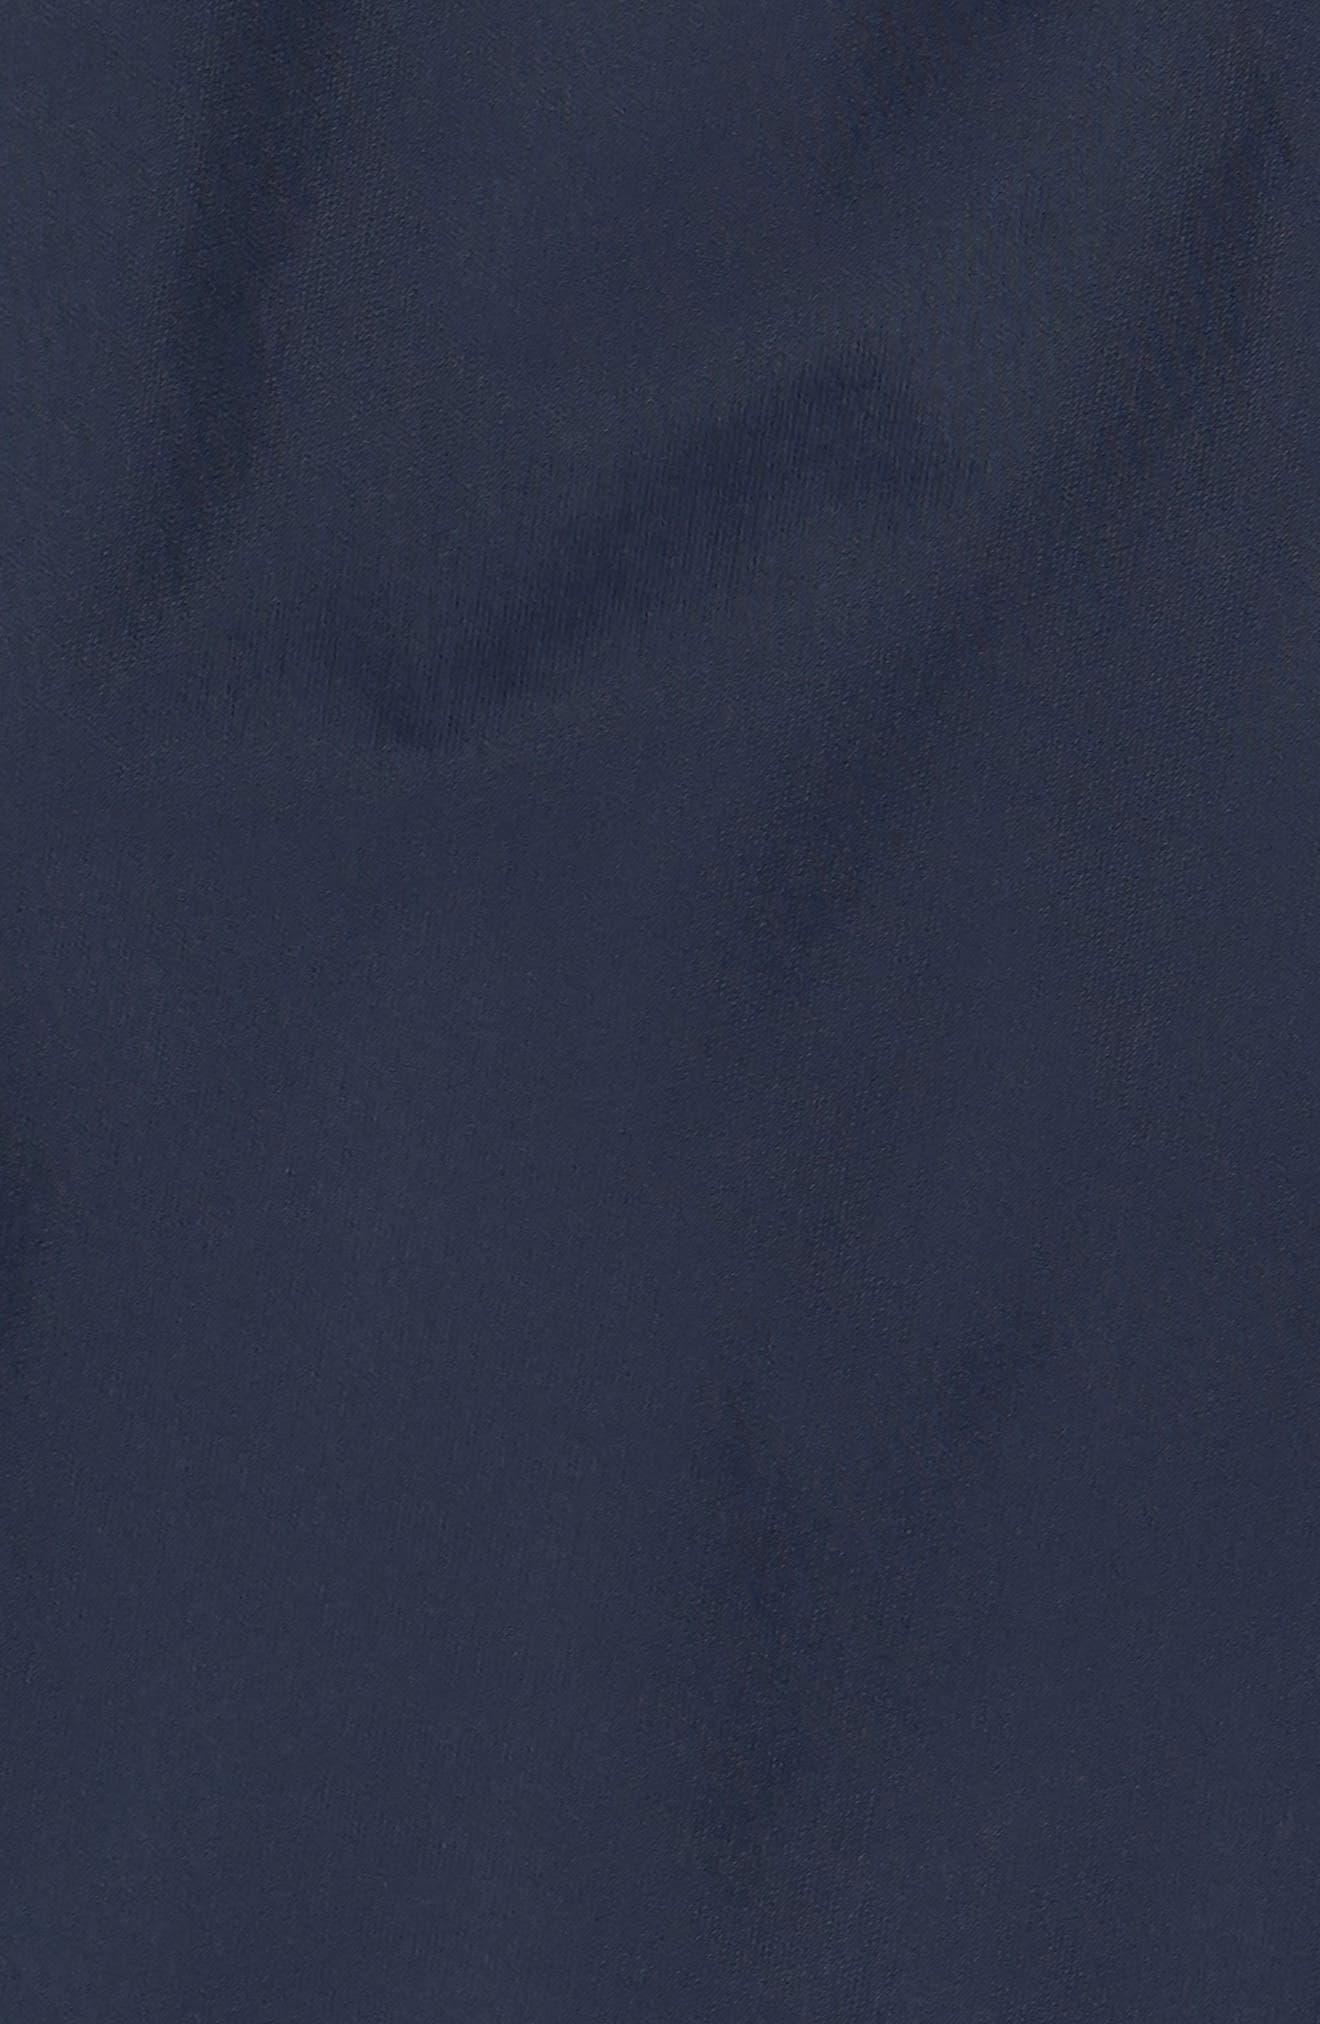 Bollen Jacket,                             Alternate thumbnail 4, color,                             Navy